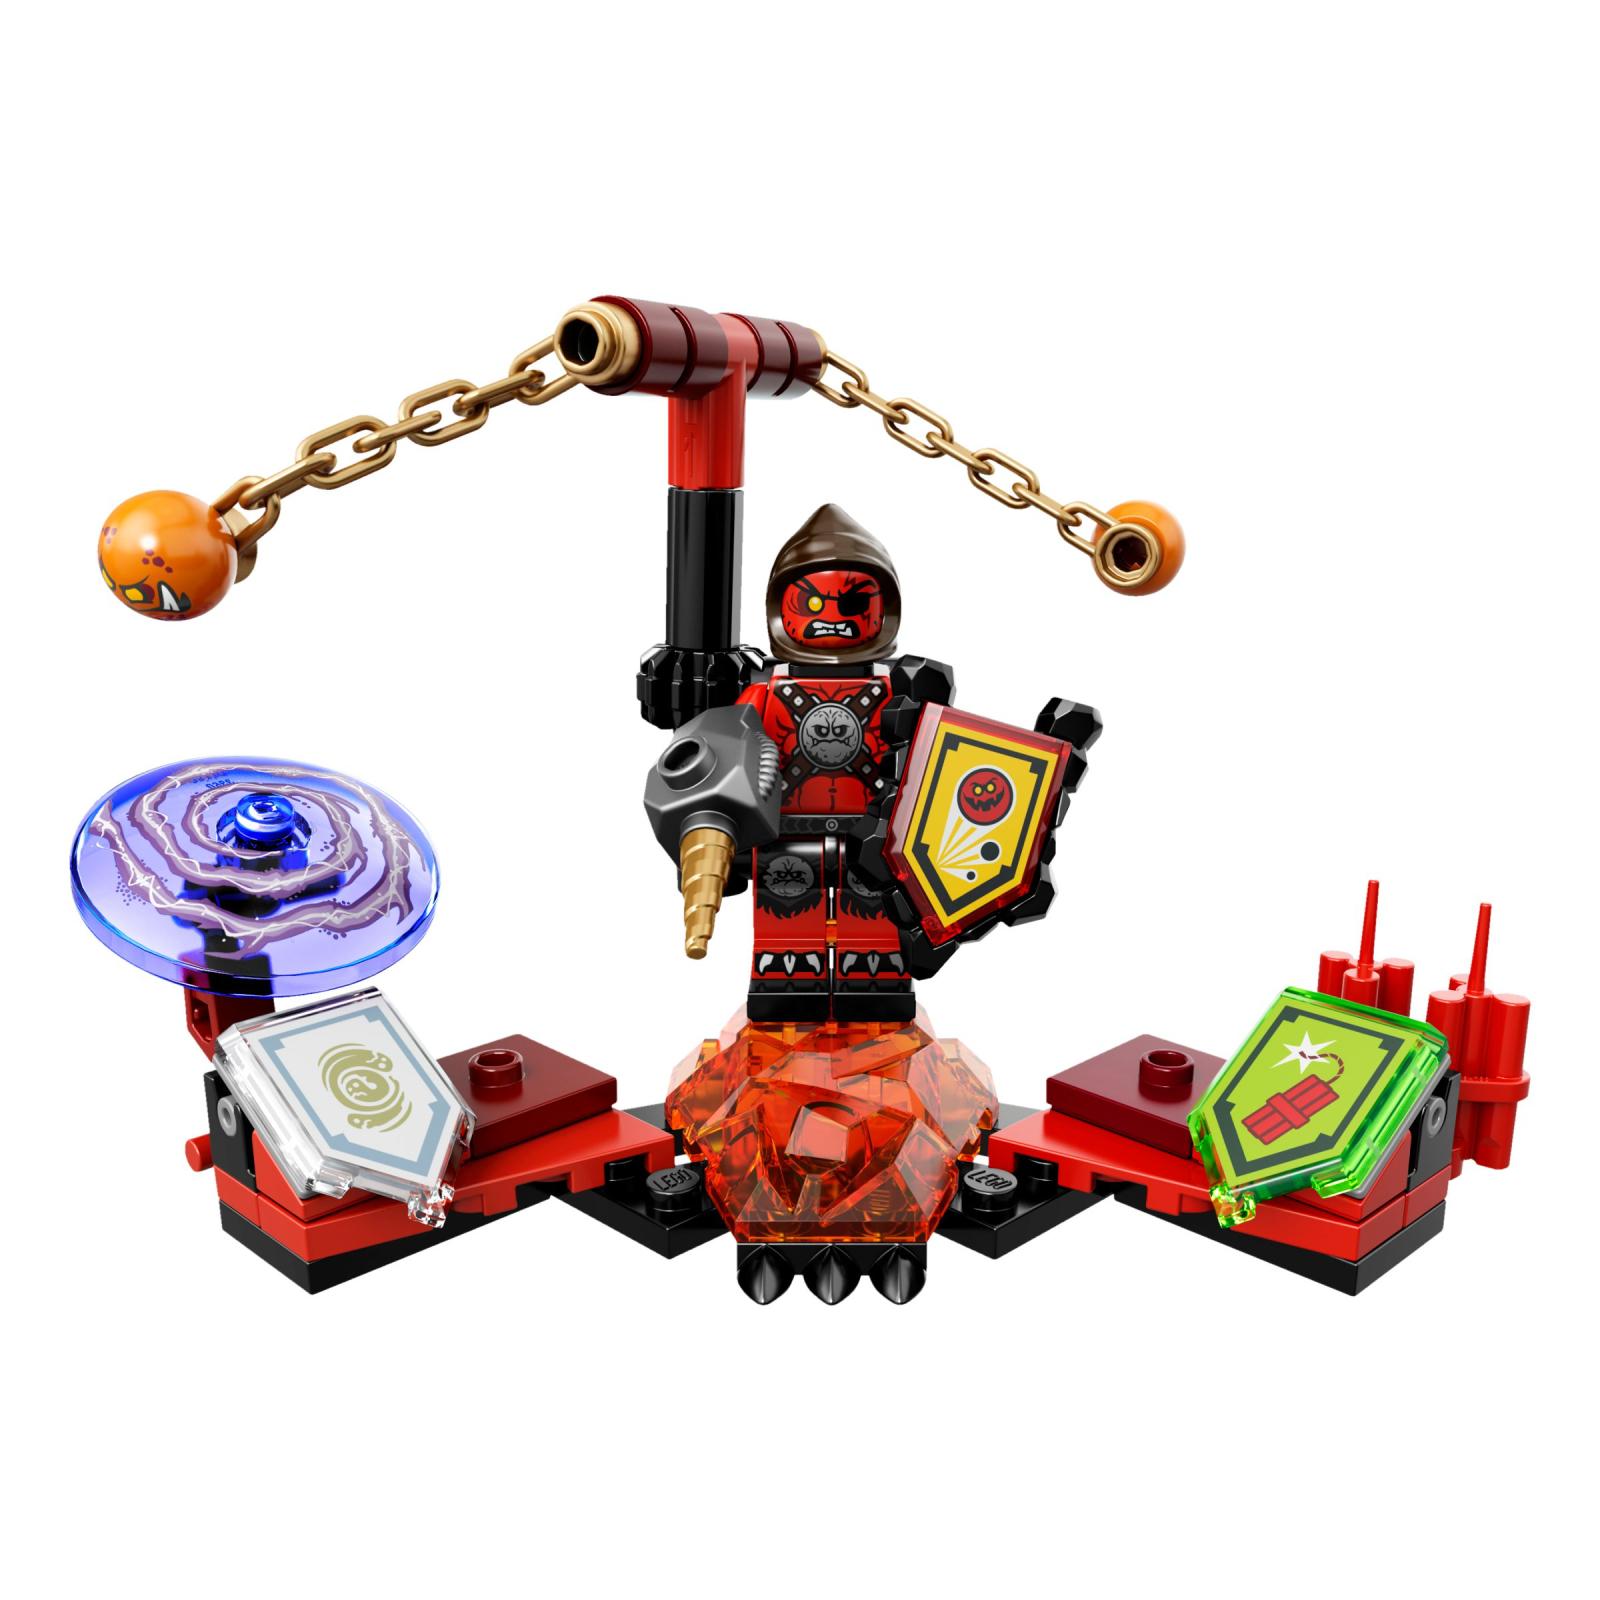 Конструктор LEGO Nexo Knights Предводитель монстров Абсолютная сила (70334) изображение 3